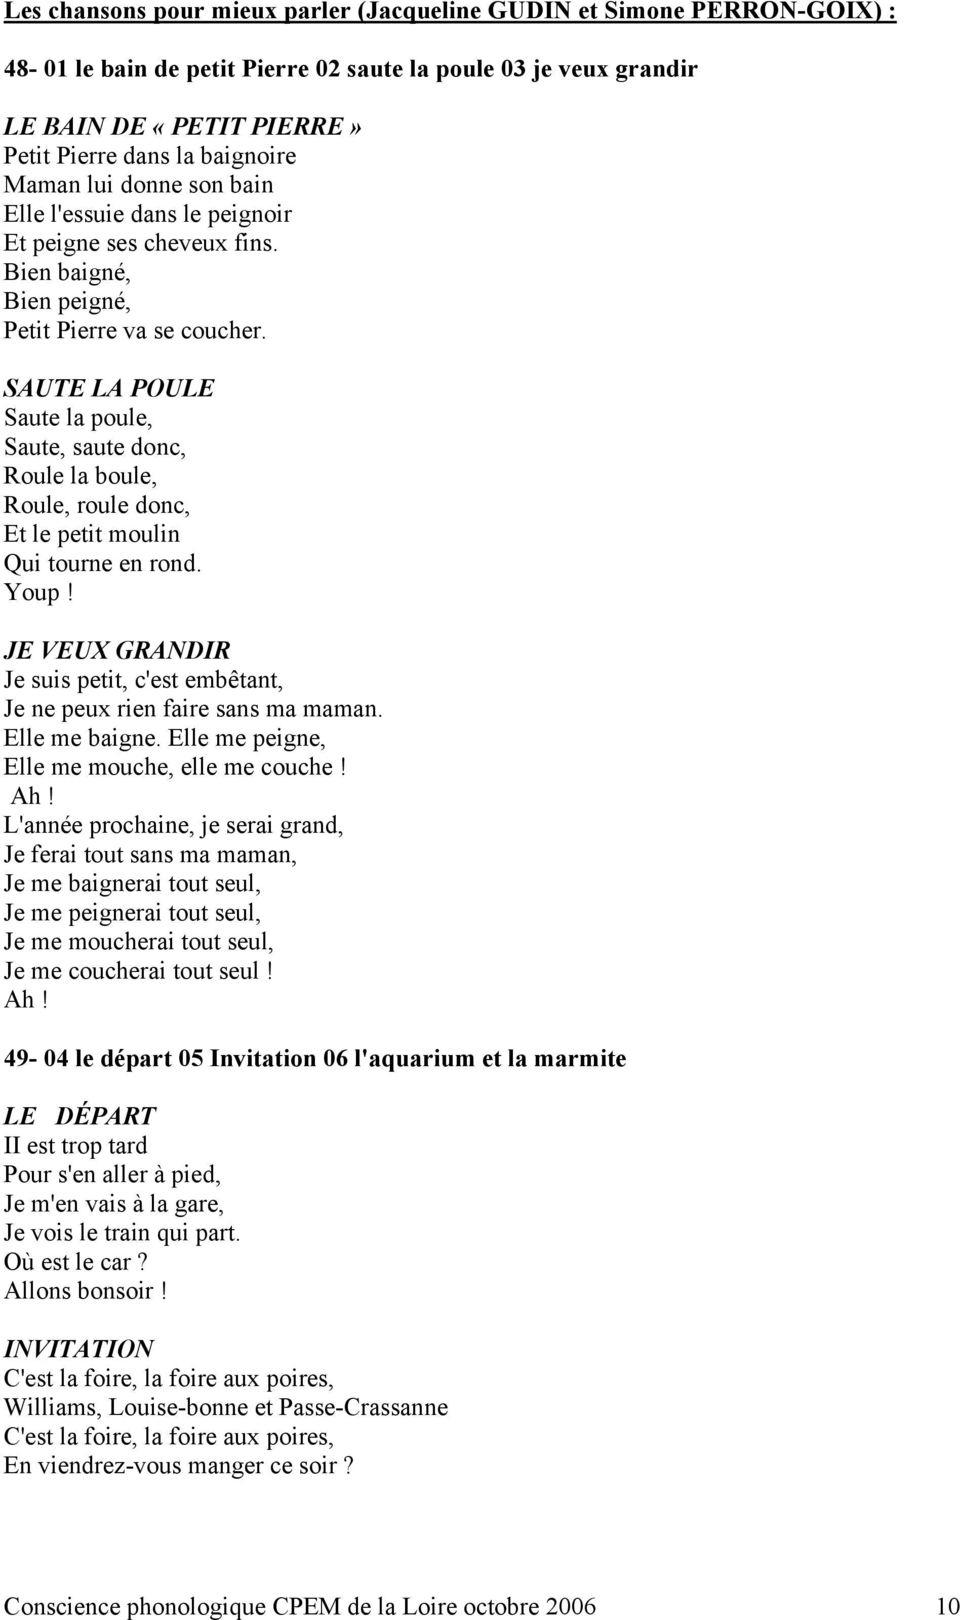 Comptines, Chansons Et Conscience Phonologique - Pdf Free encequiconcerne Petit Moulin Chanson